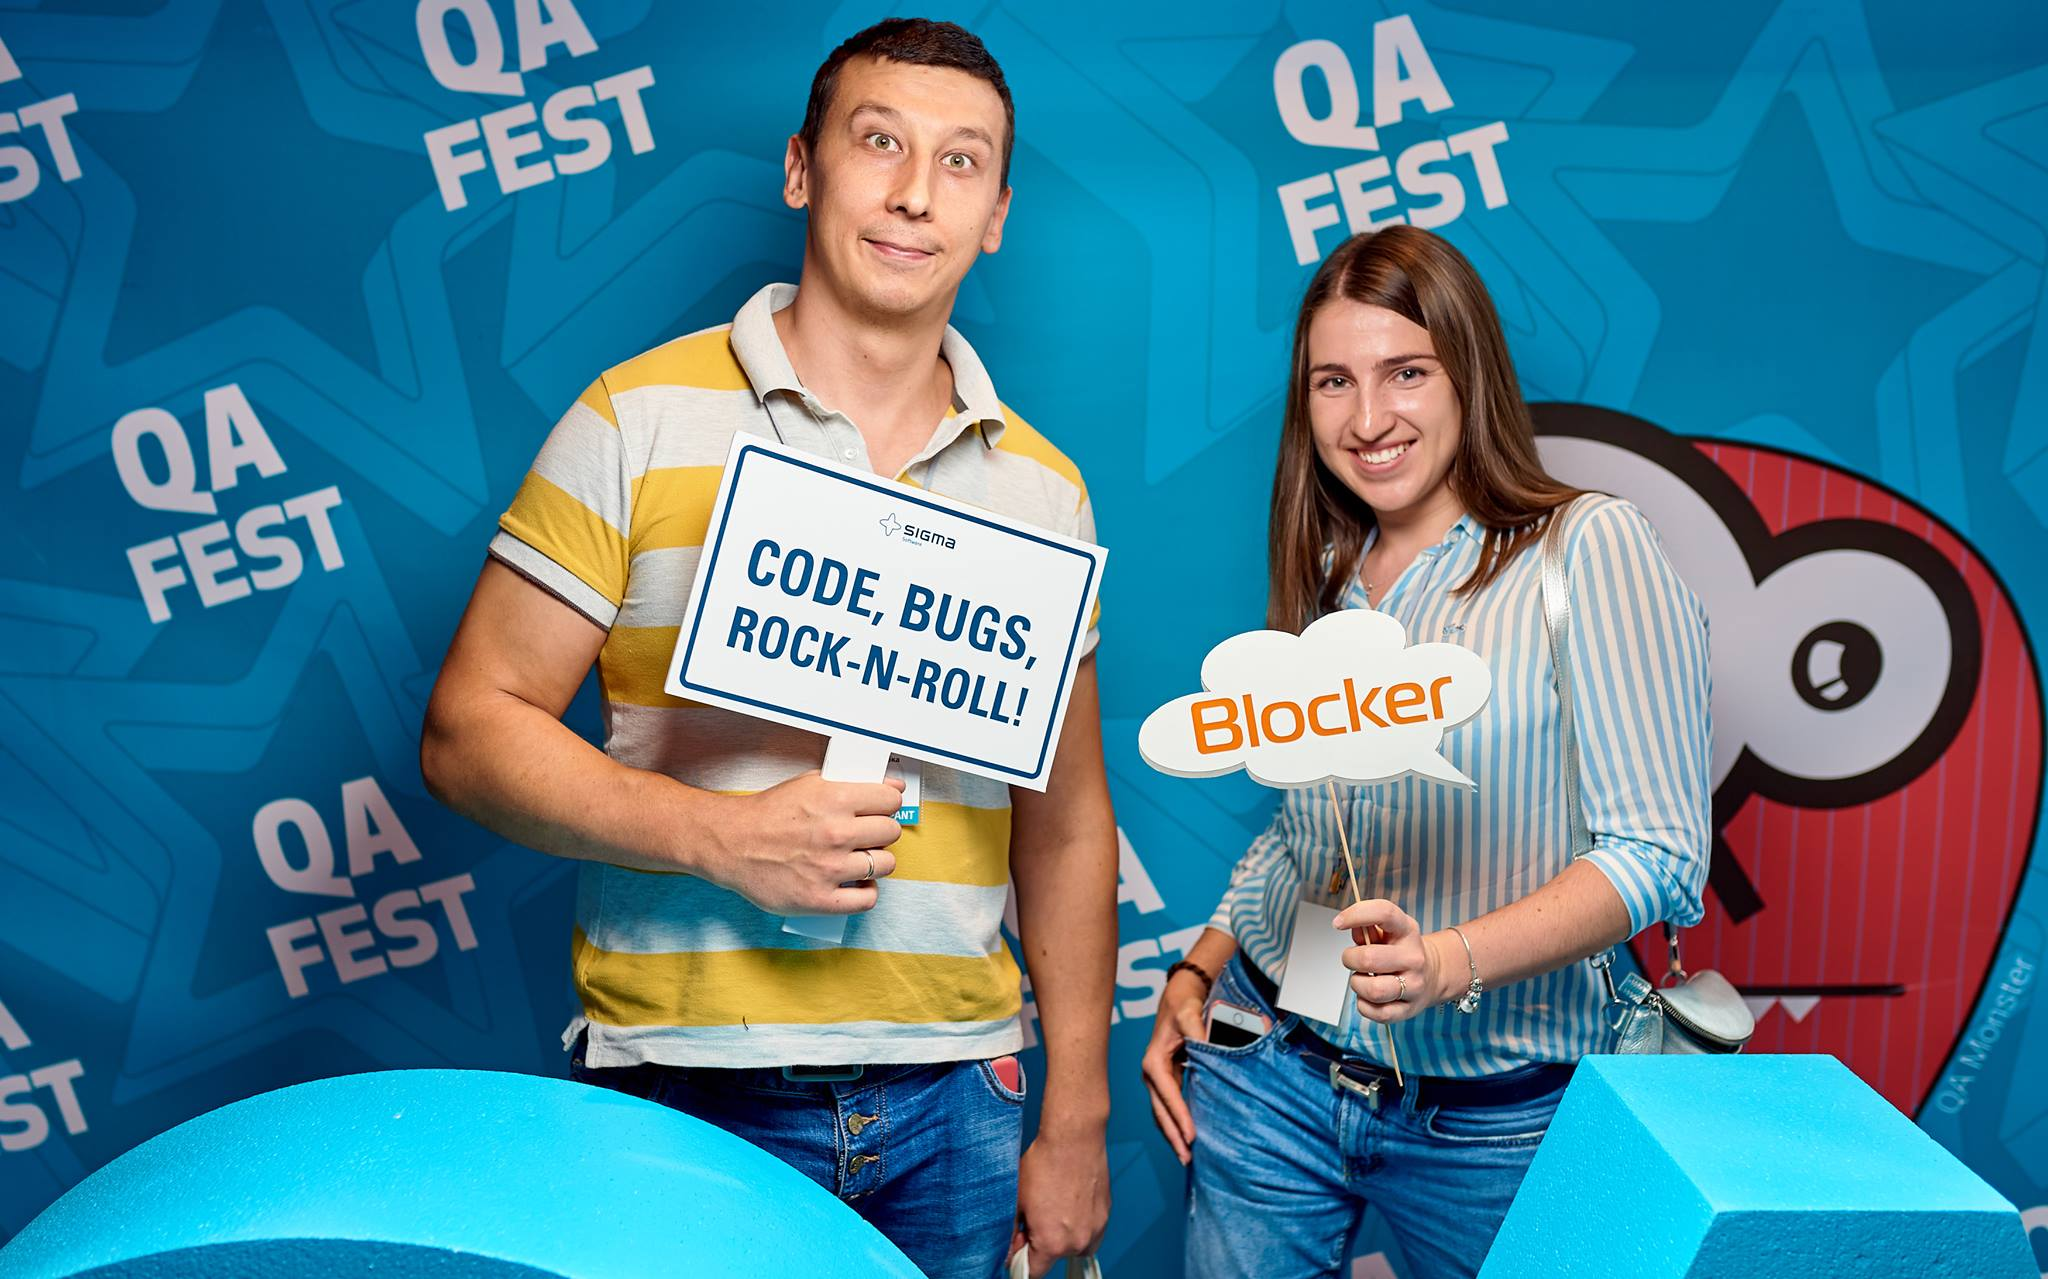 Rozdoum at QA Fest